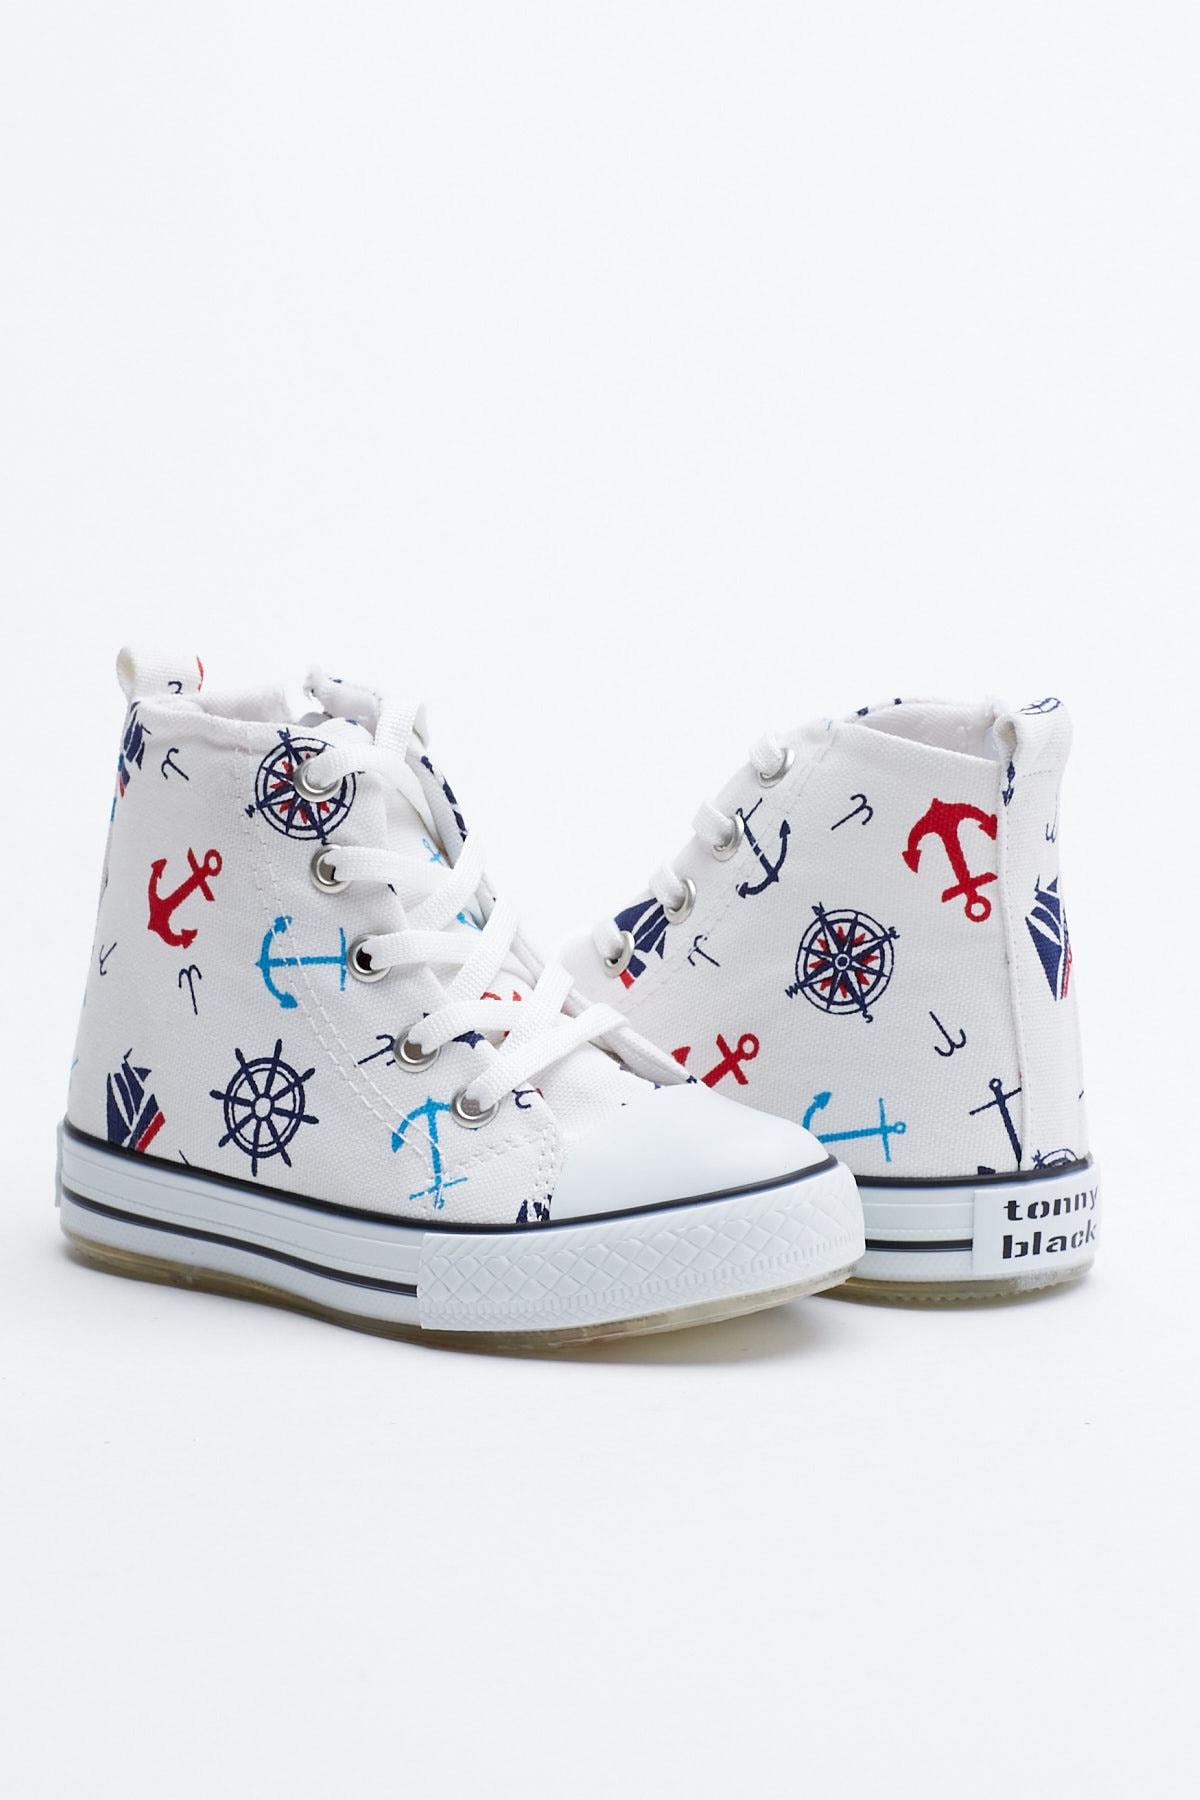 Tonny Black Beyaz Lacivert Çocuk Spor Ayakkabı Uzun Tb999 0